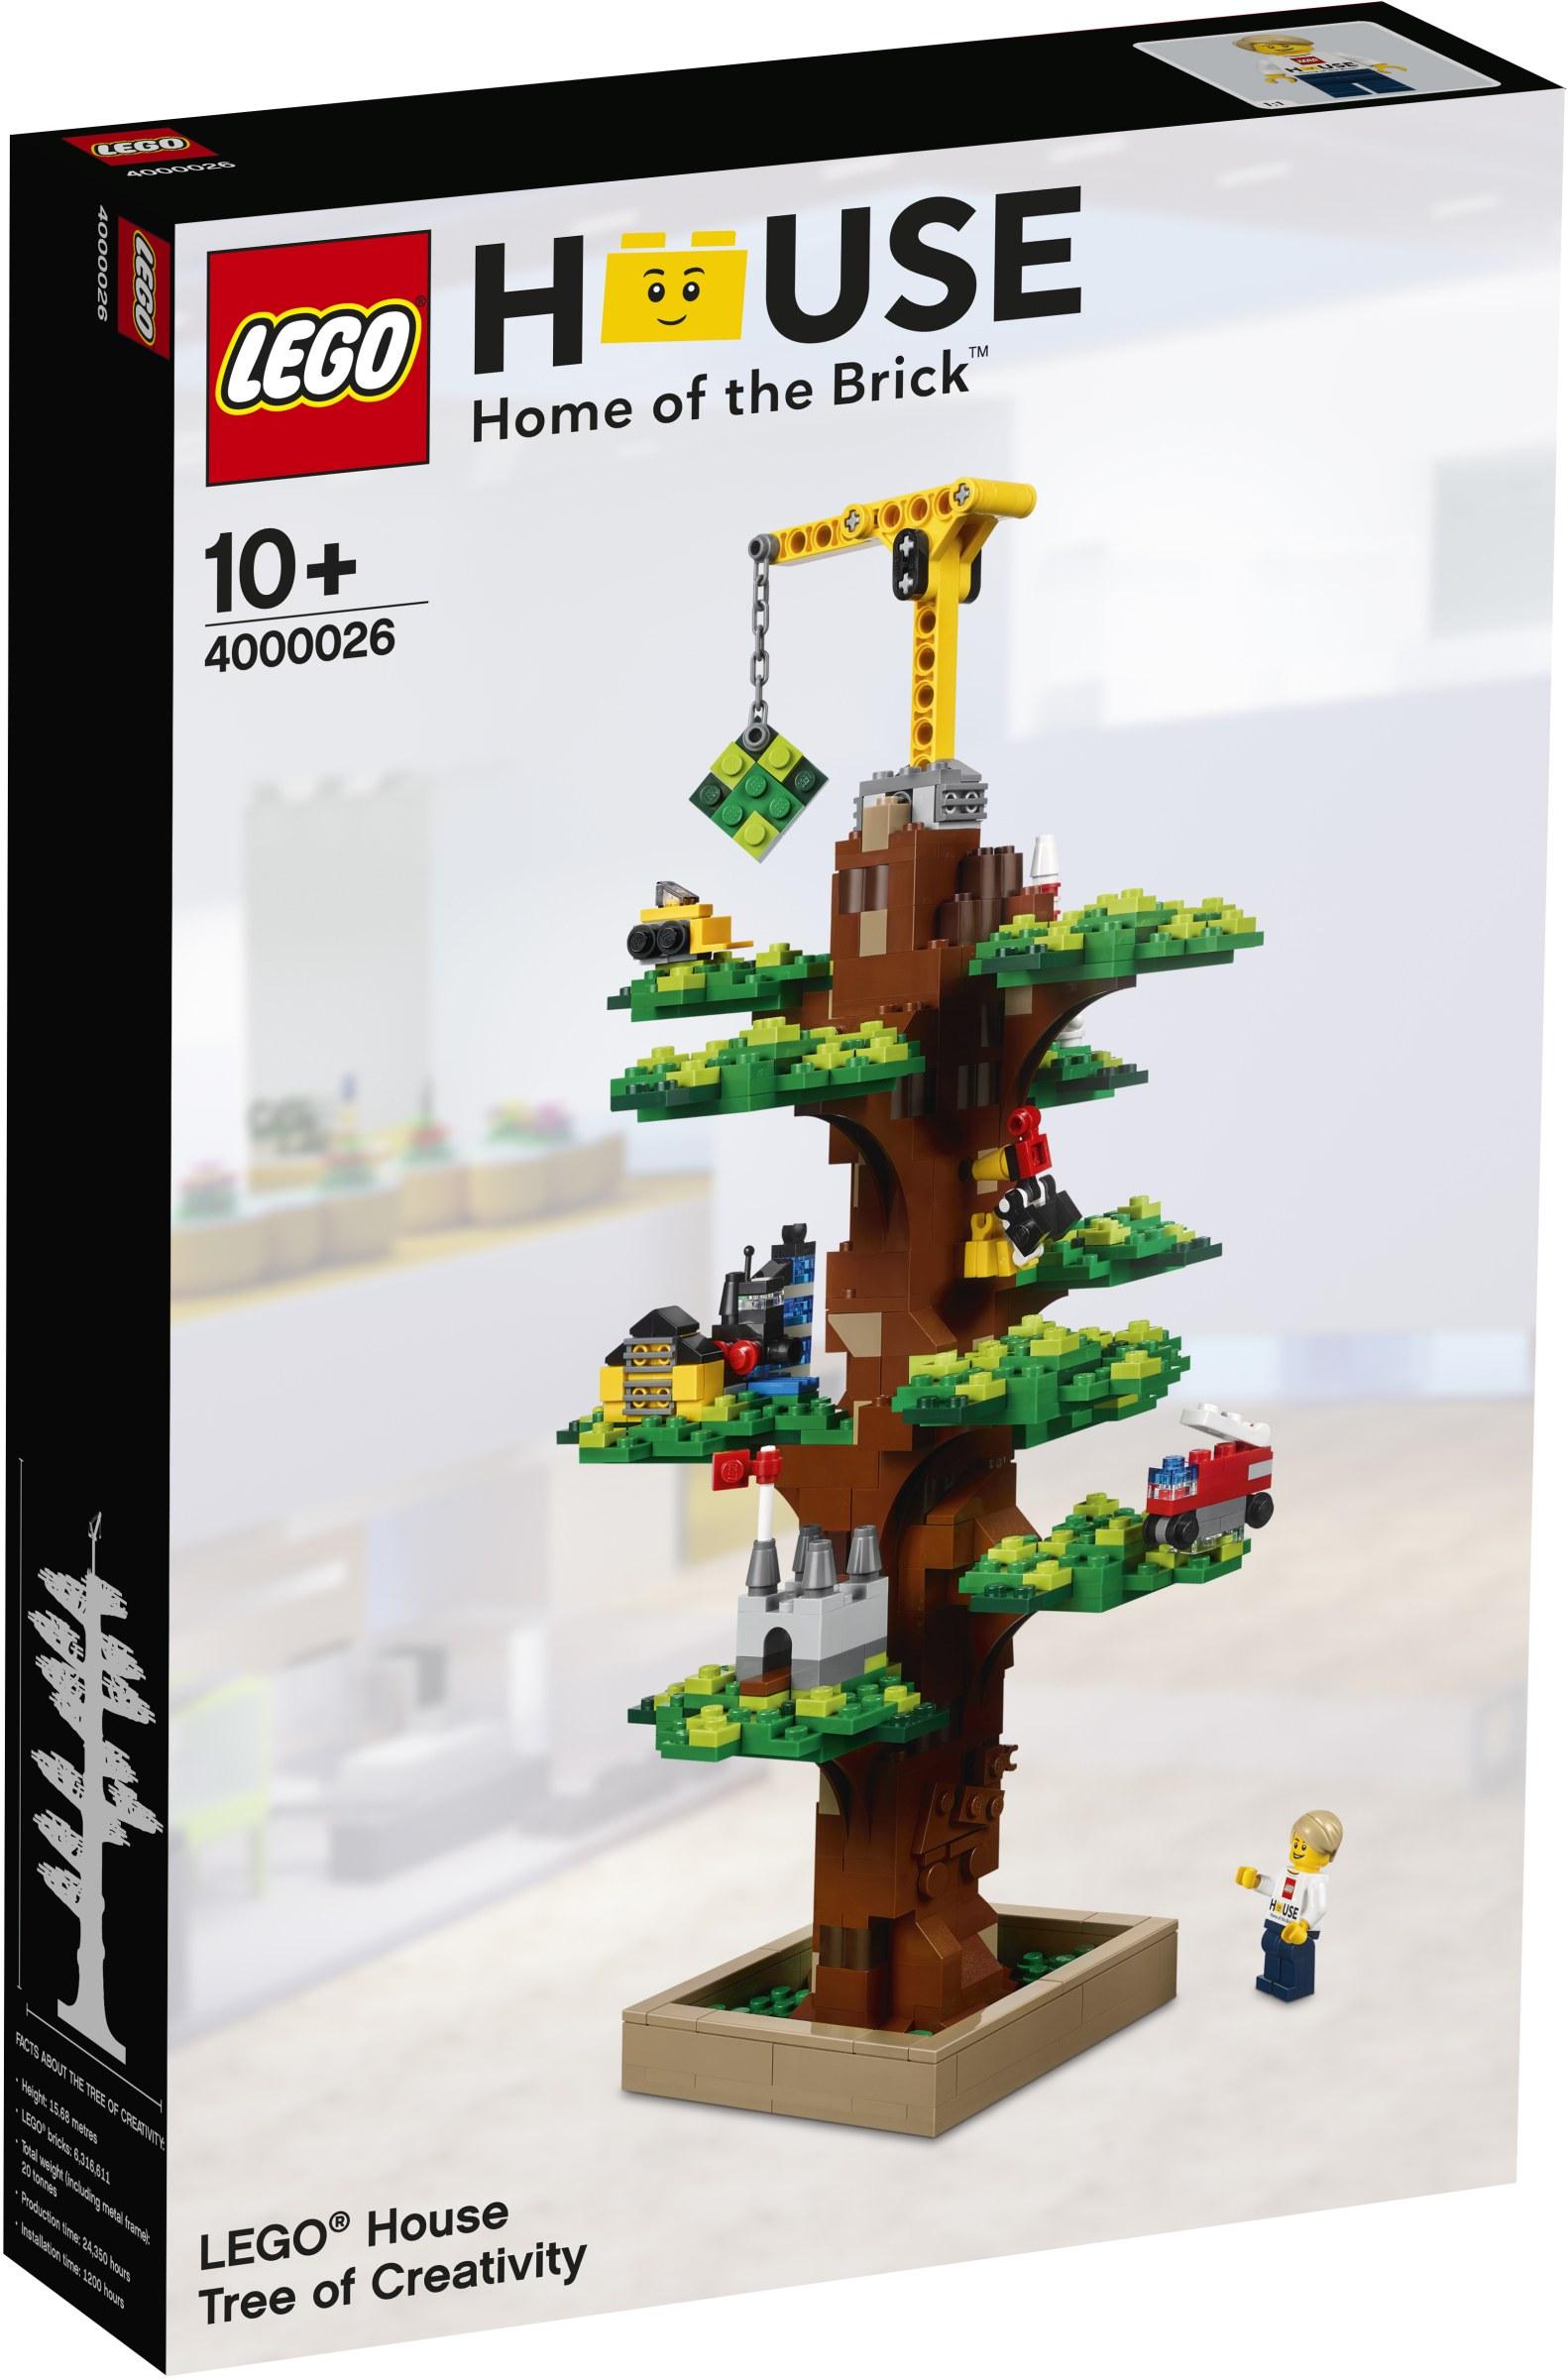 4000026 LEGO House Tree of Creativity